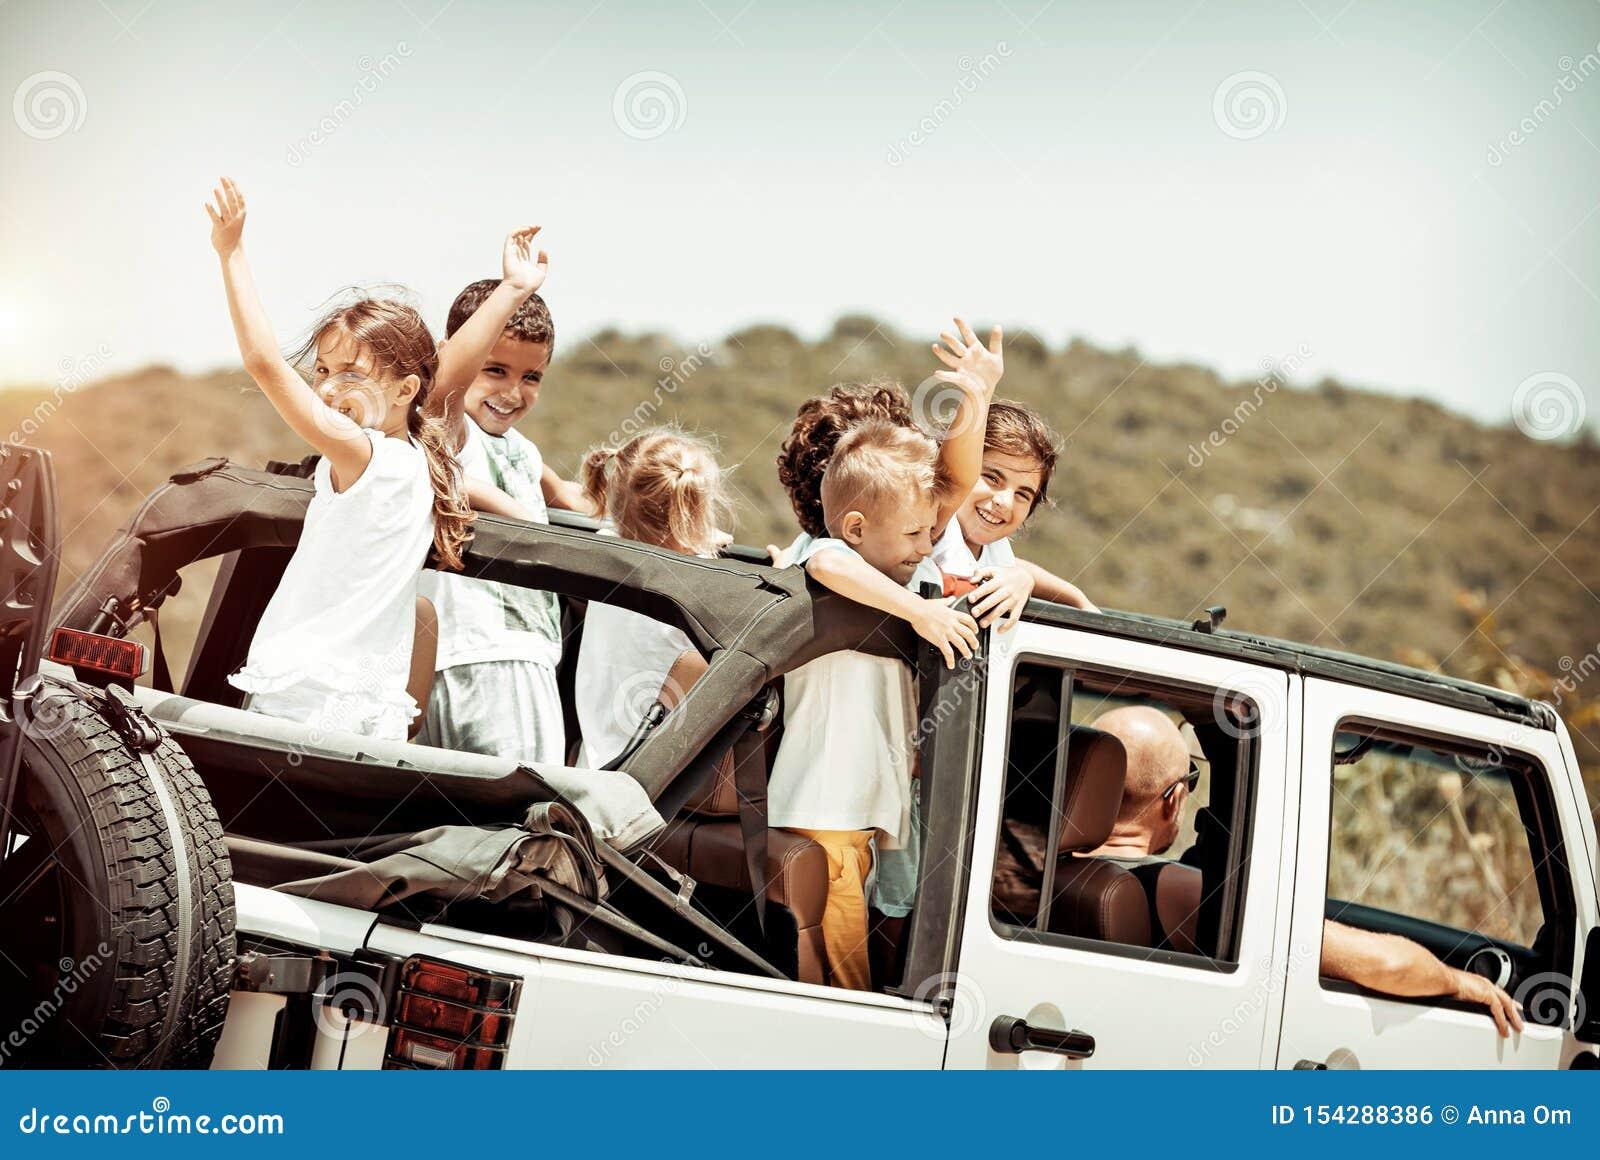 Счастливые дети наслаждаясь поездкой